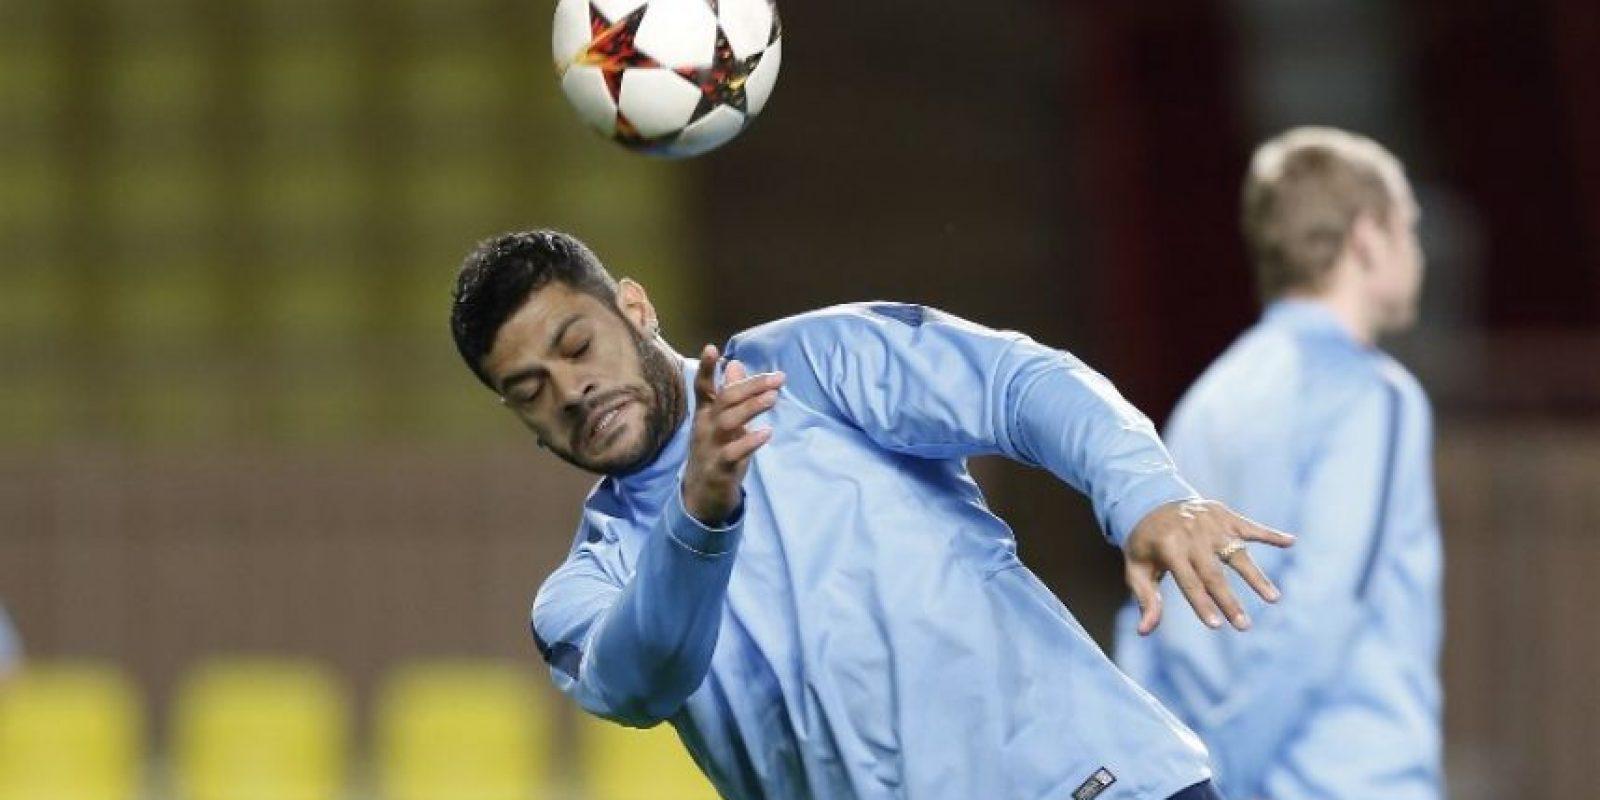 El corpulento delantero brasileño ha sido objeto de las bromas de parte de sus compañeros de equipo. Foto:AFP